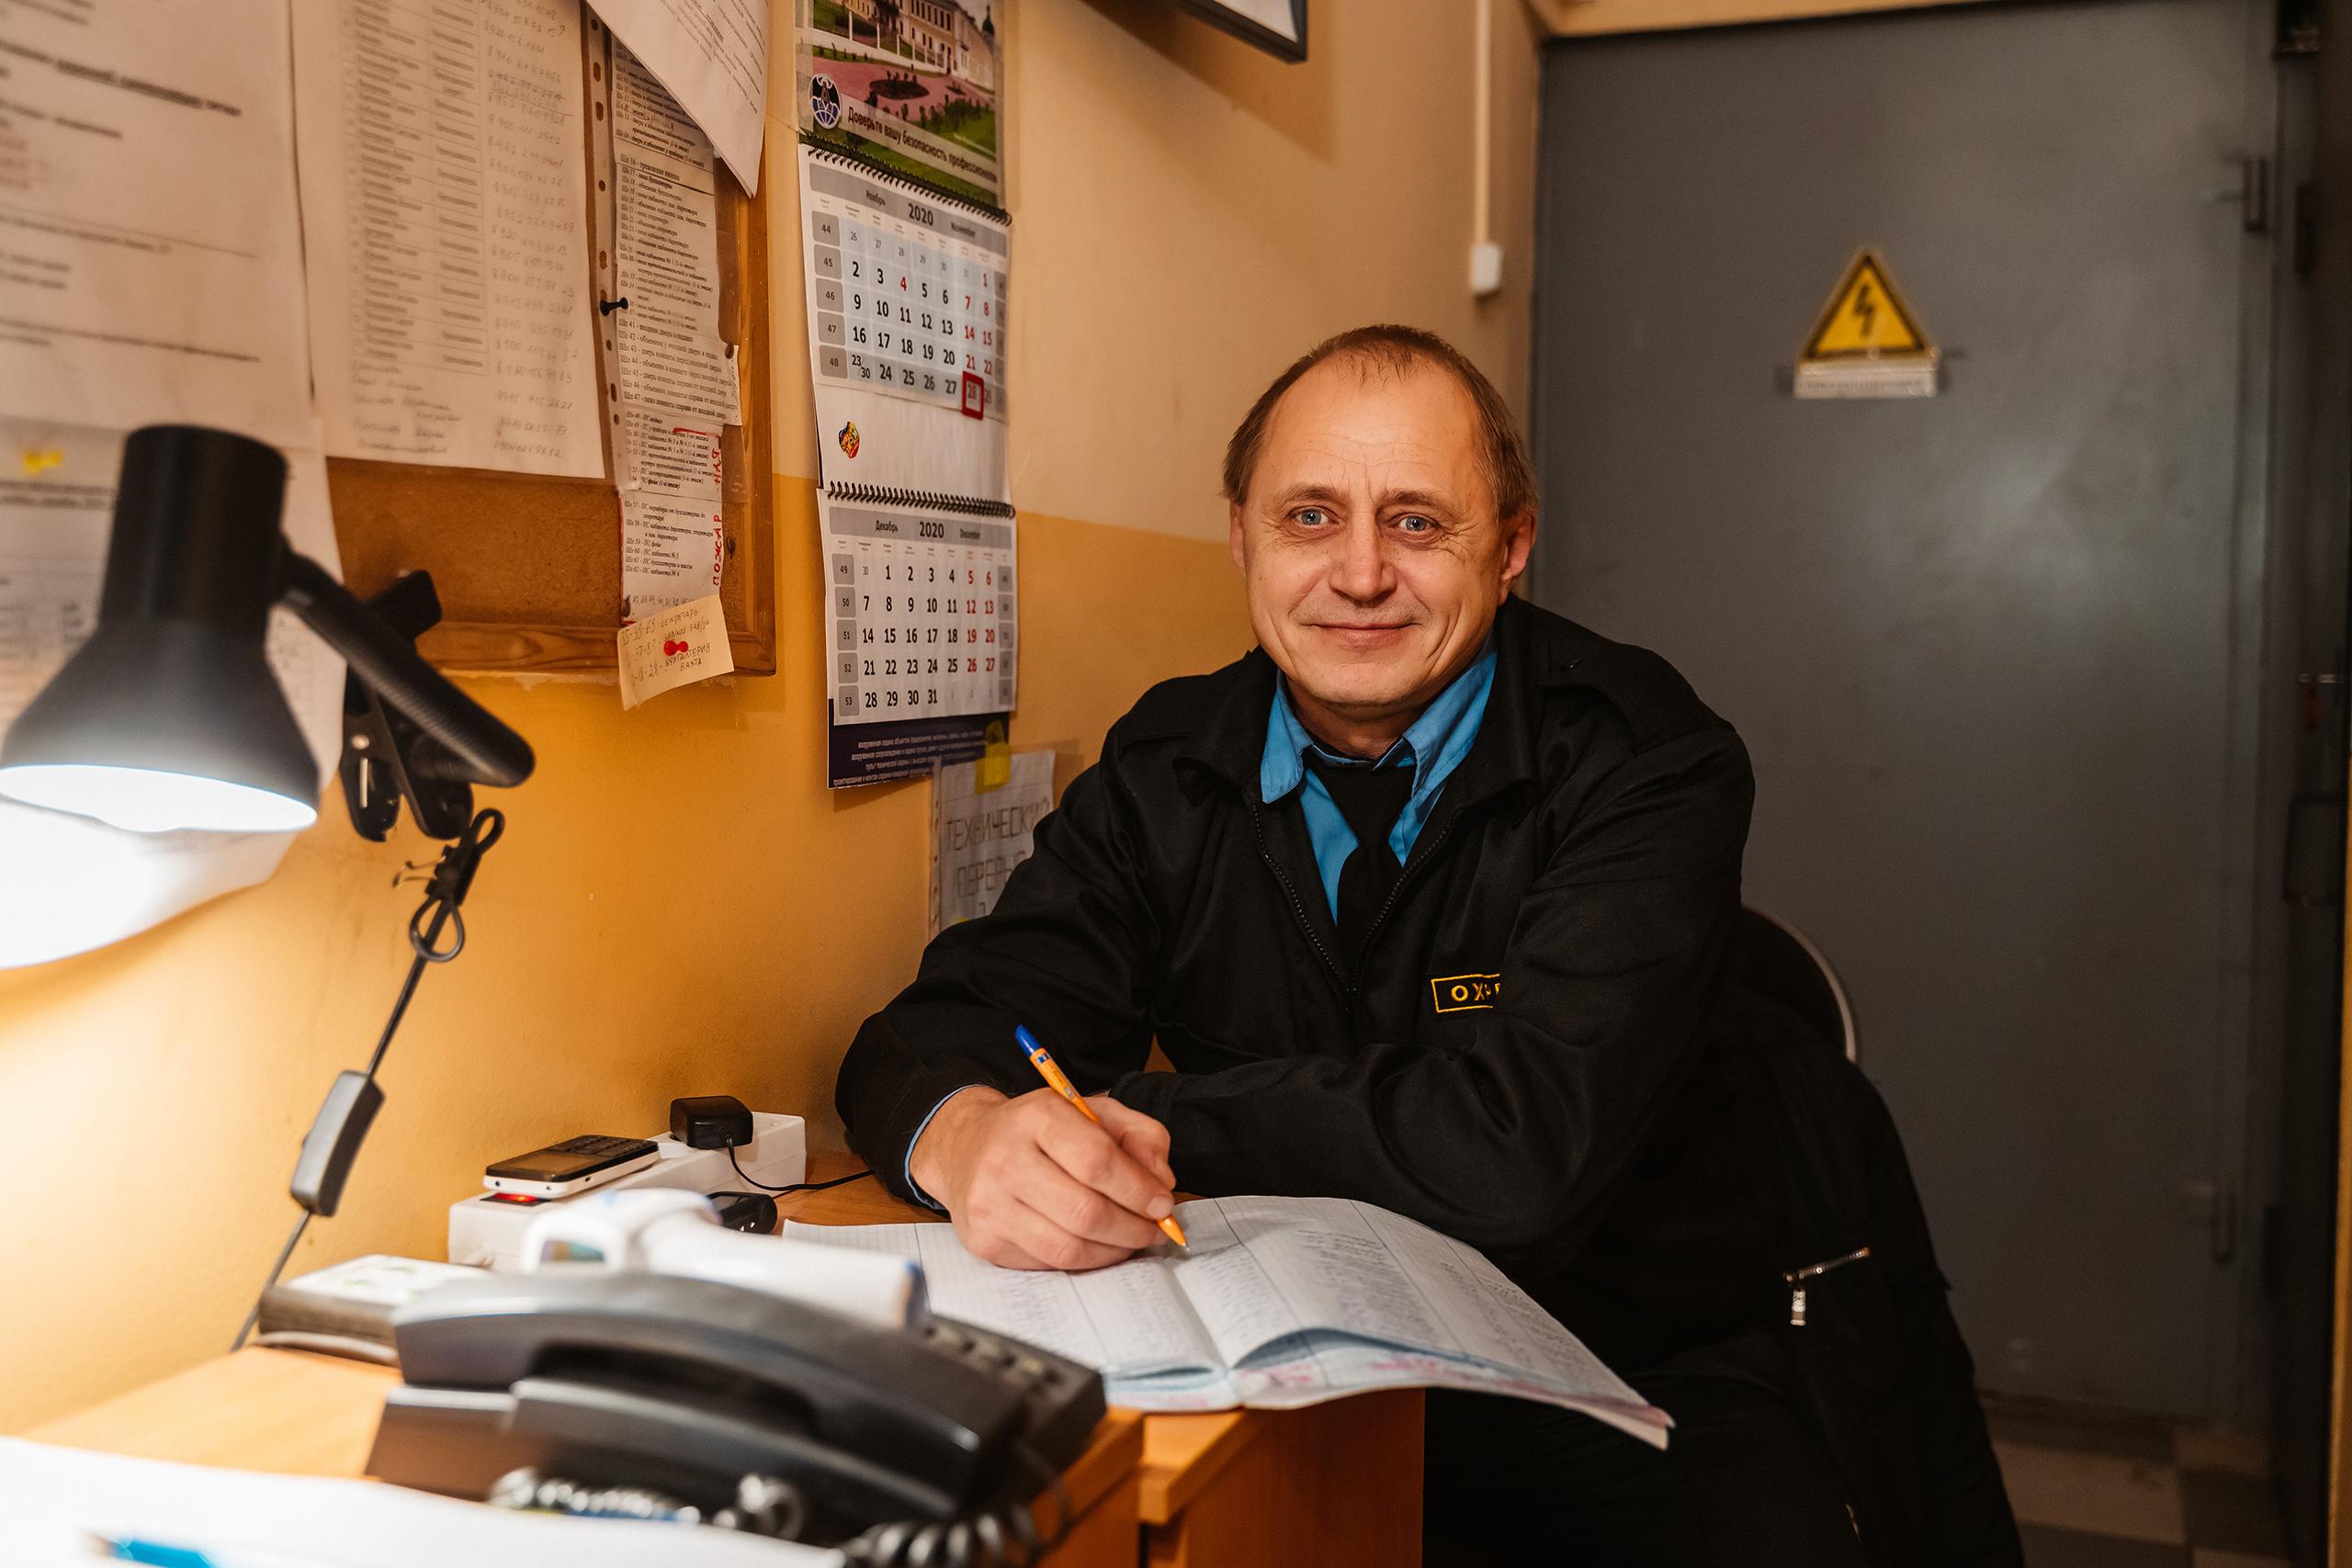 Берёшь и учишься: в Тверской области люди старше 50 могут бесплатно получить новую профессию